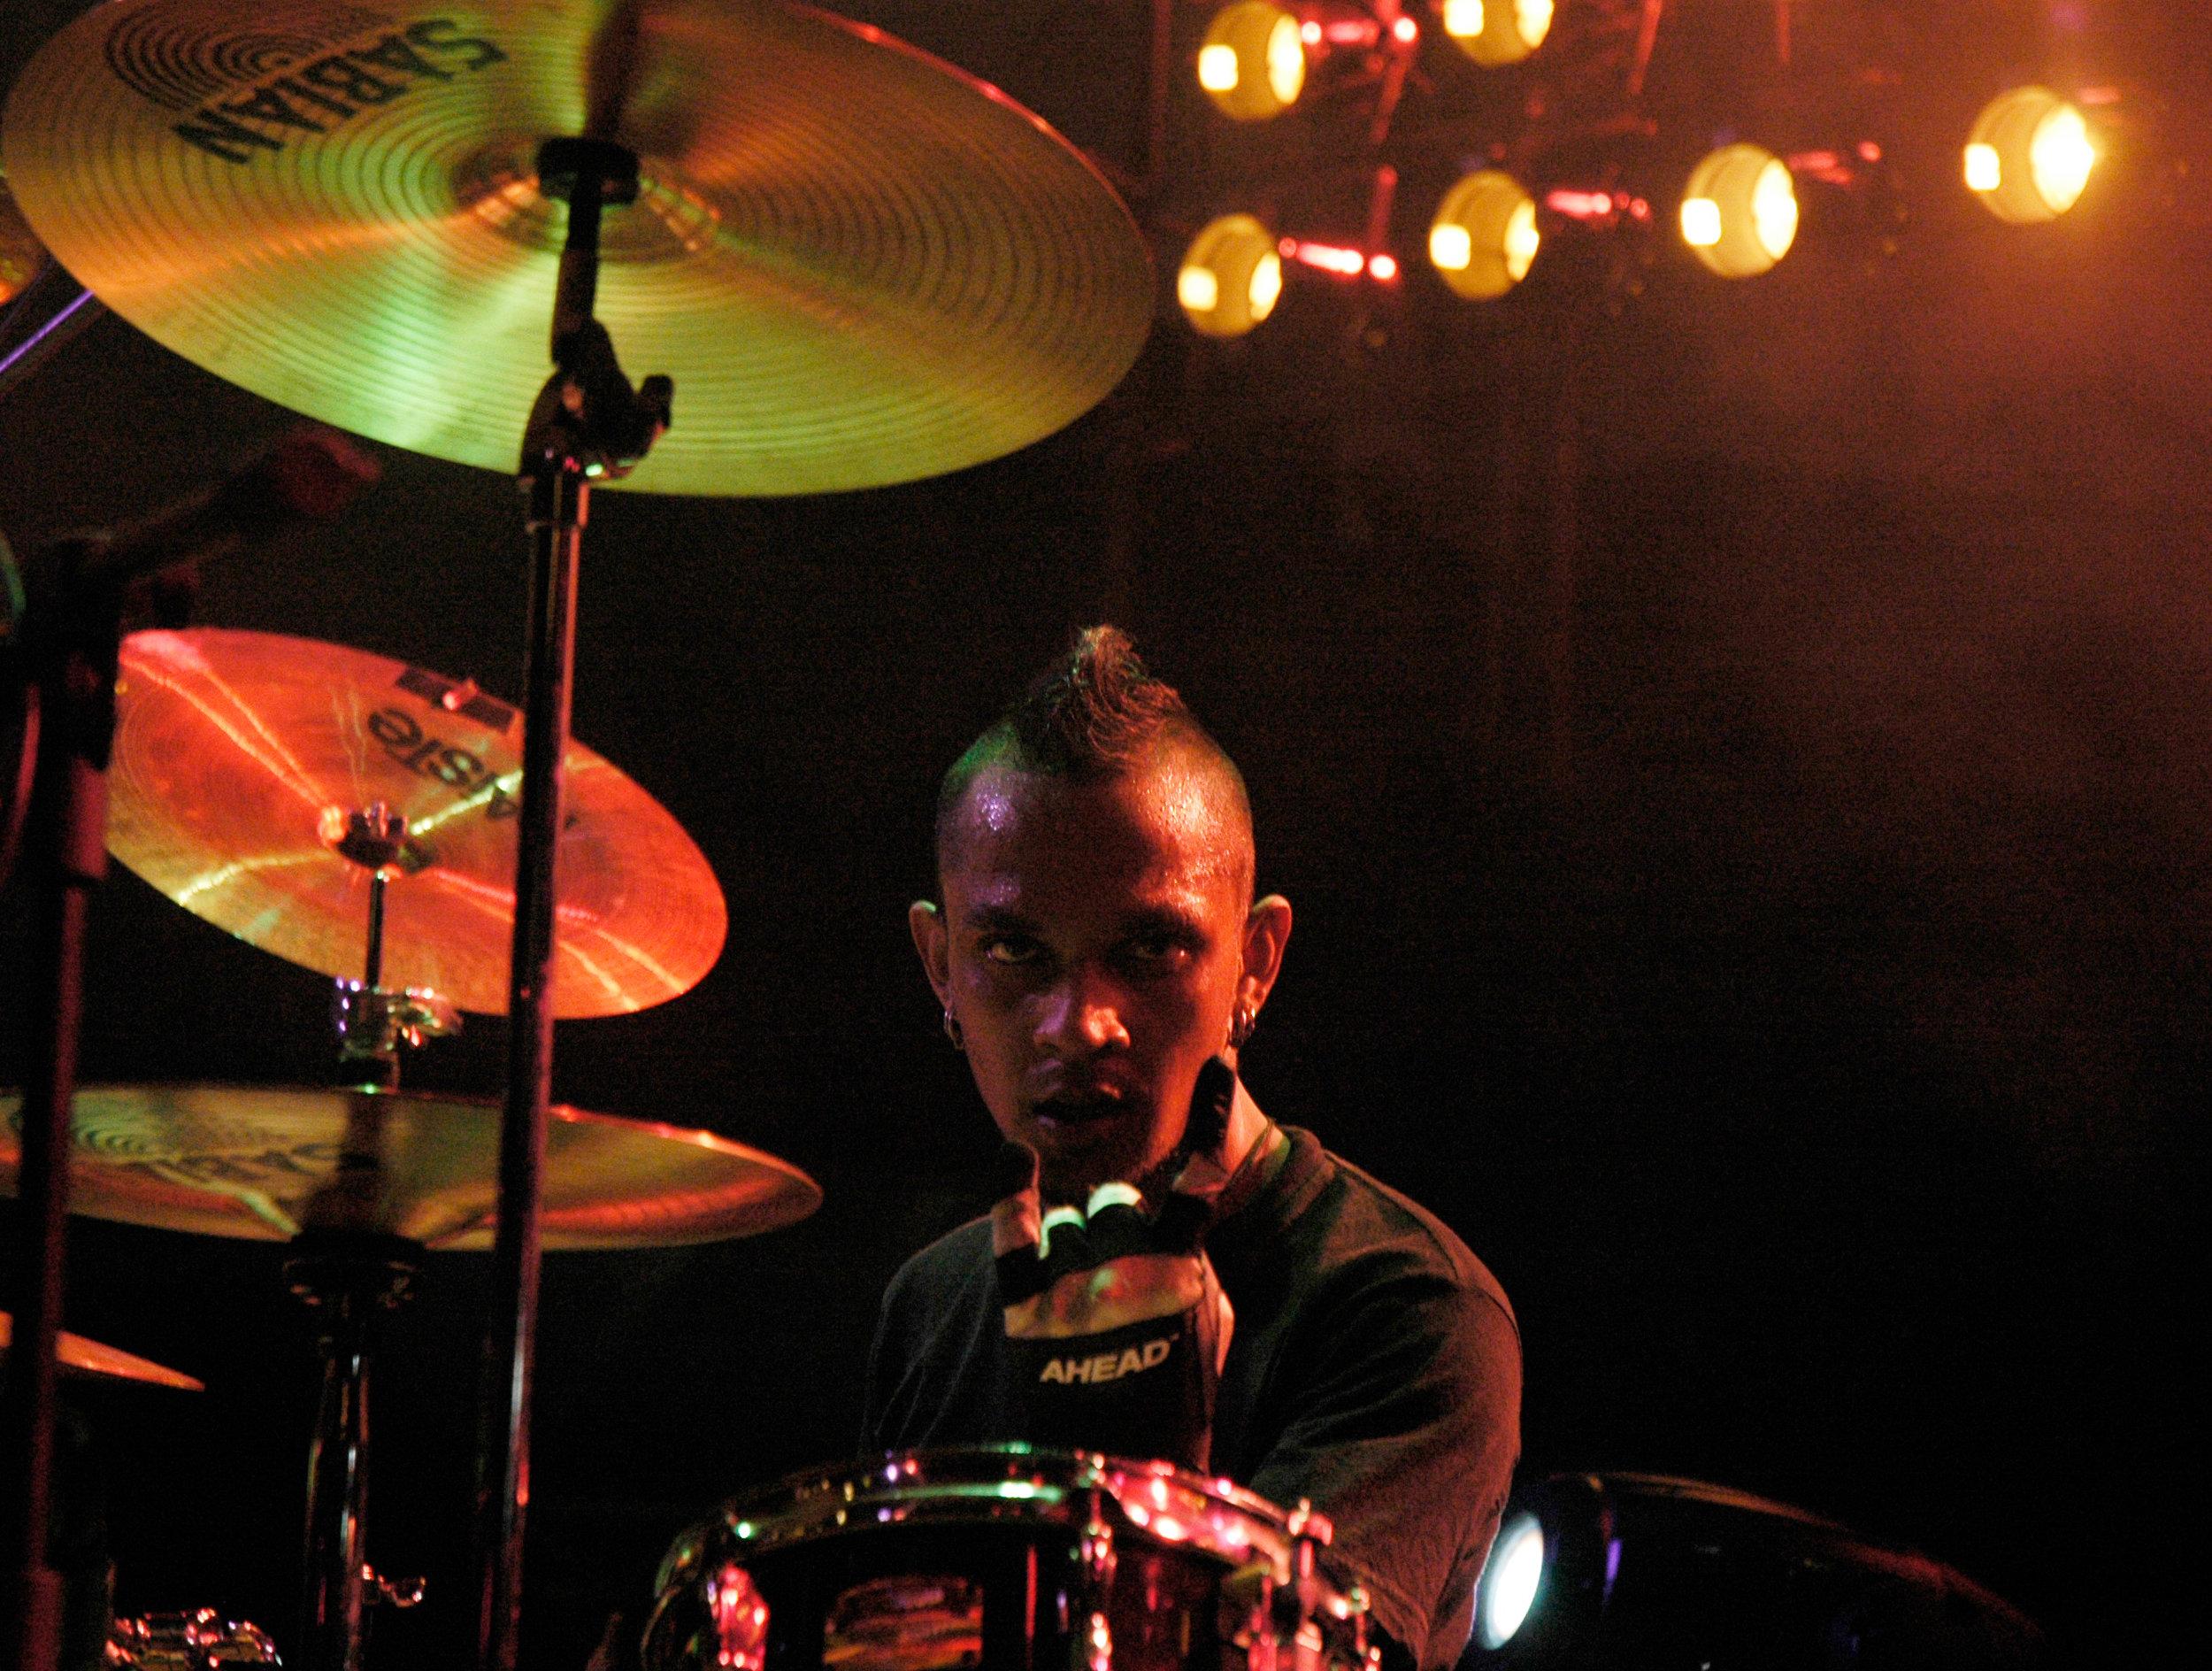 2007-08-10 - Male' City - RockStorm Painted Live - D70s--7.jpg